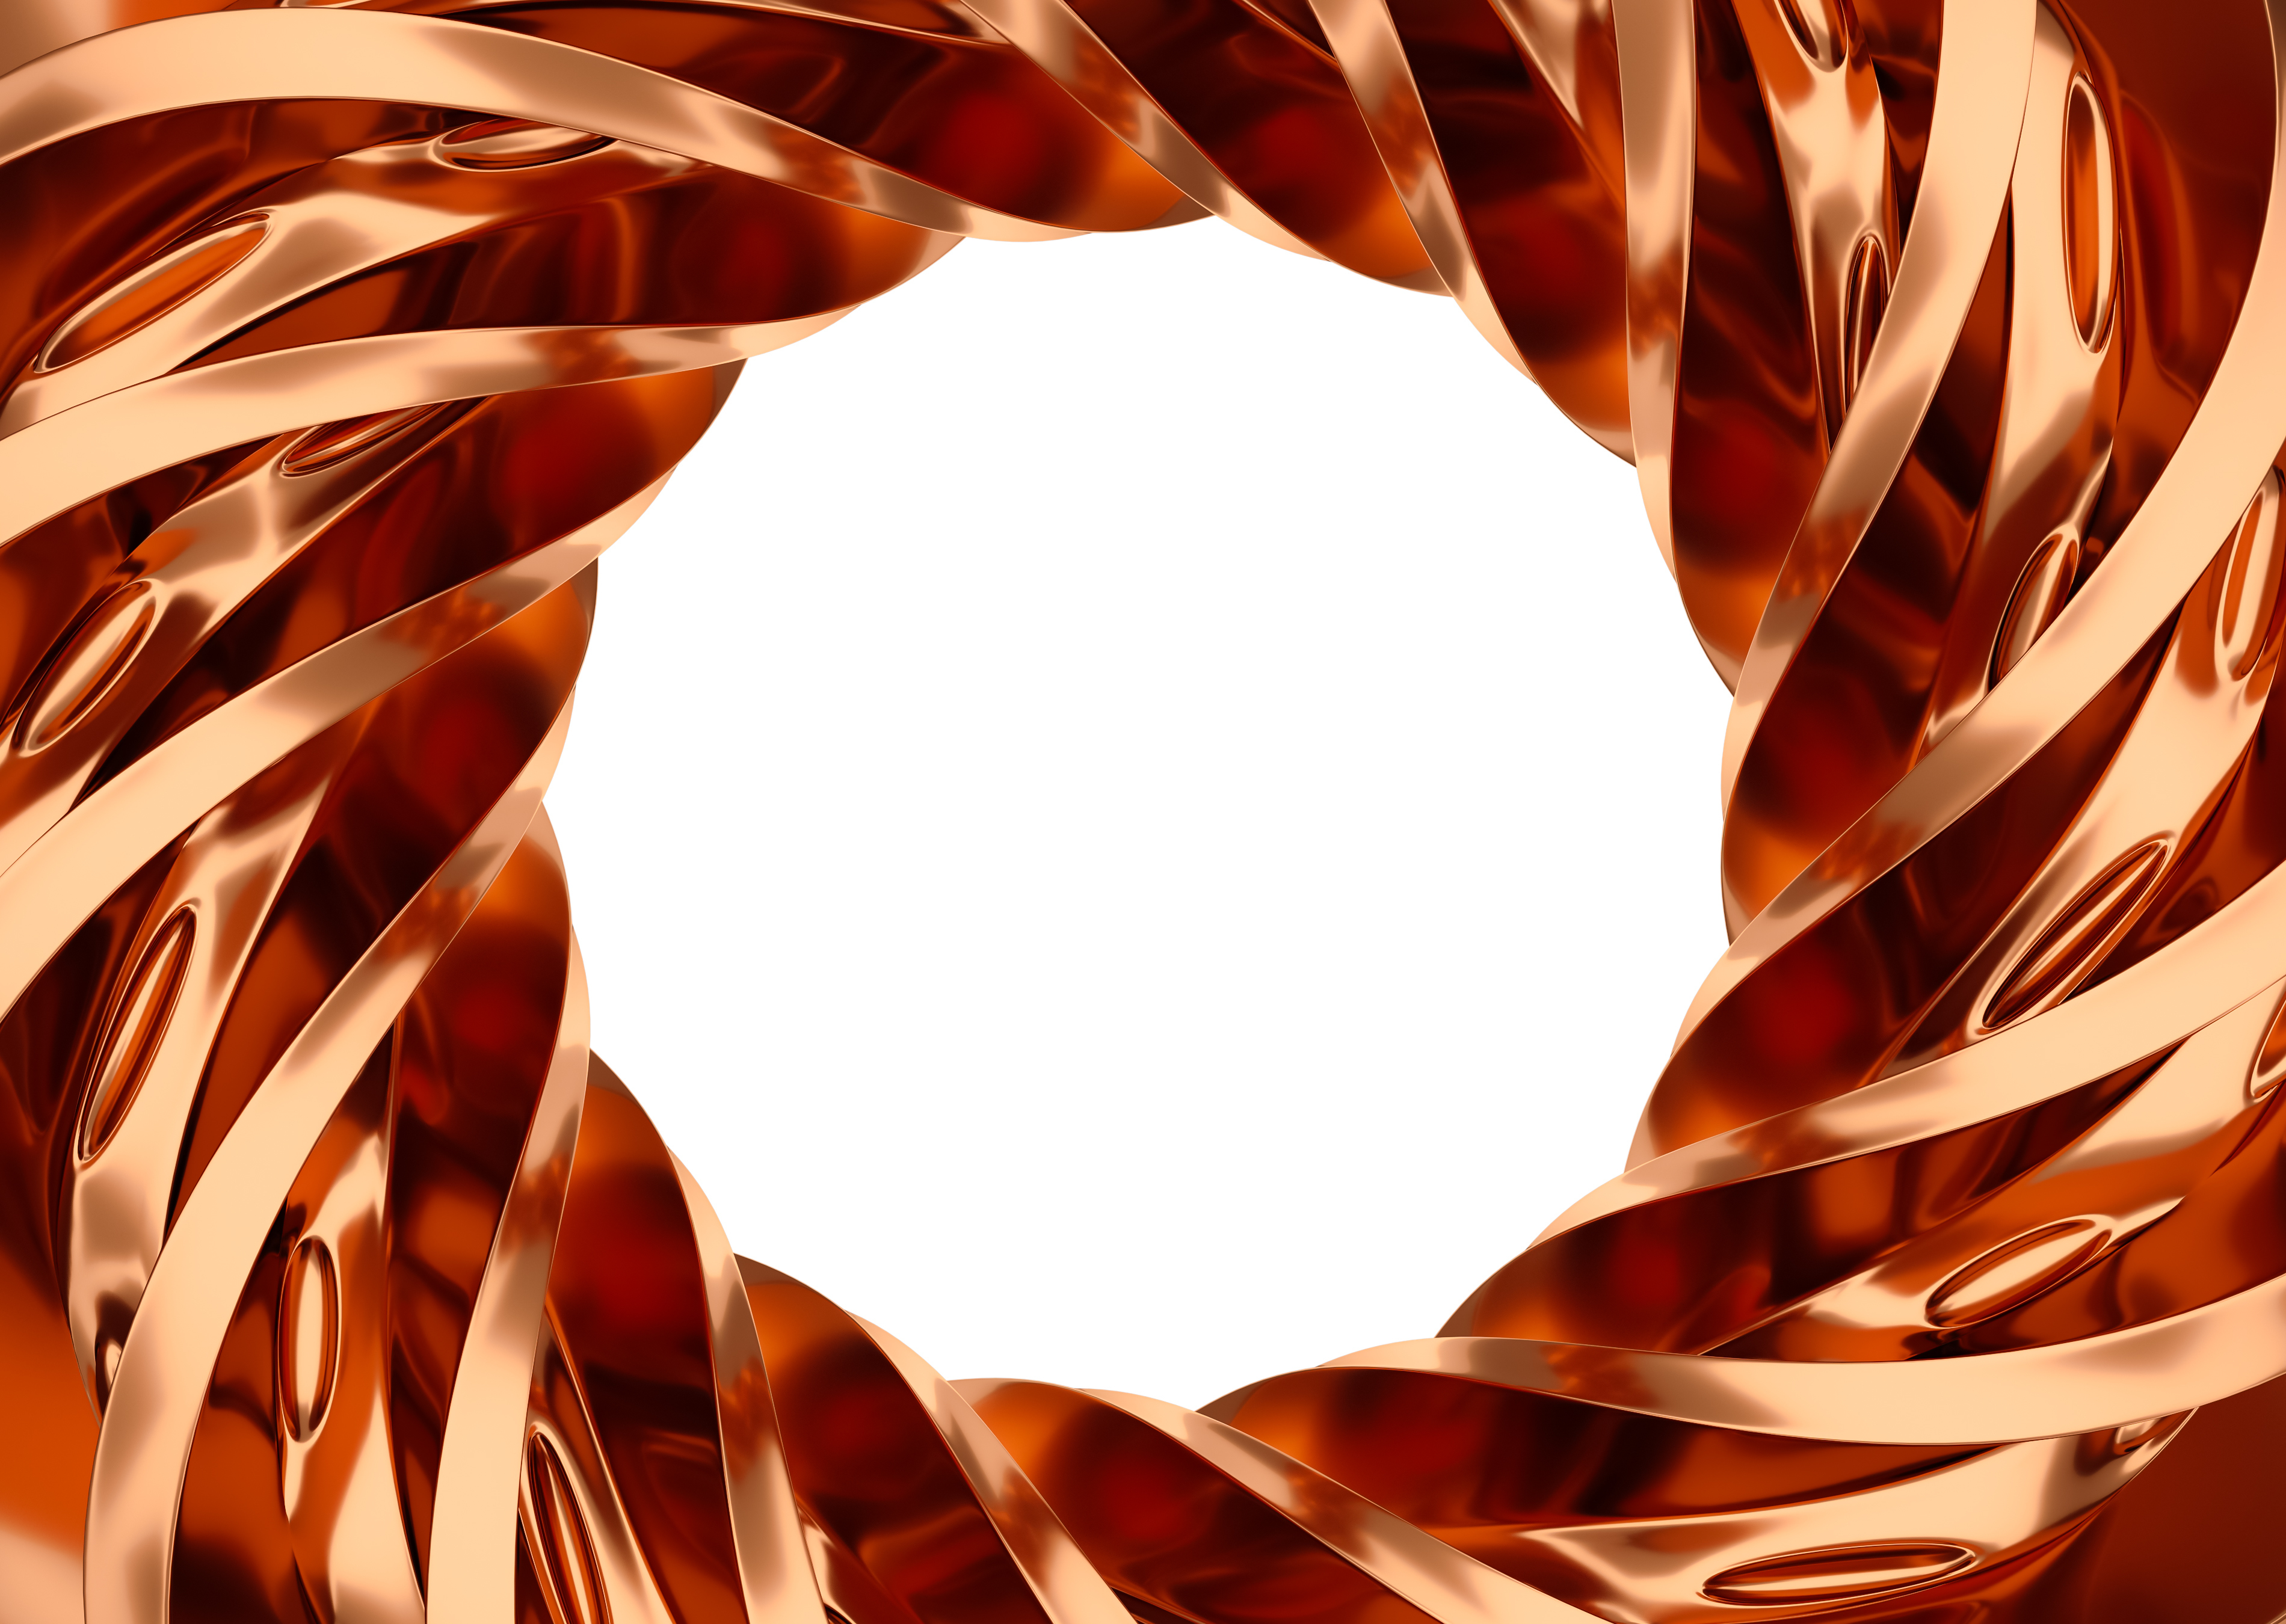 Designed copper spiral 3d rendering.